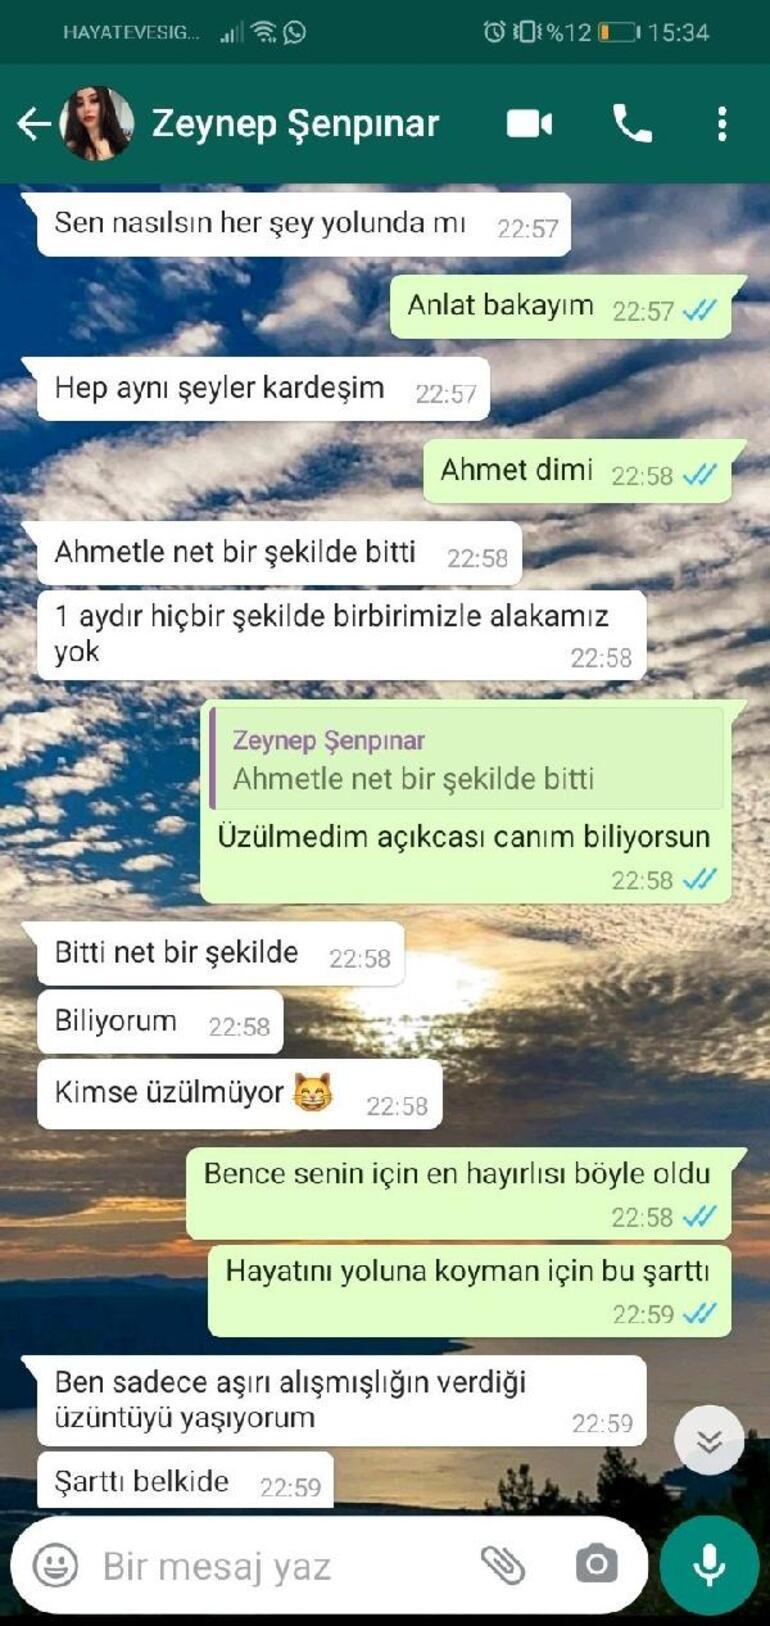 Son dakika haberi: Milli boksör Selim Ahmet Kemaloğlu sevgilisini öldürmüştü... Mesajlar ortaya çıktı